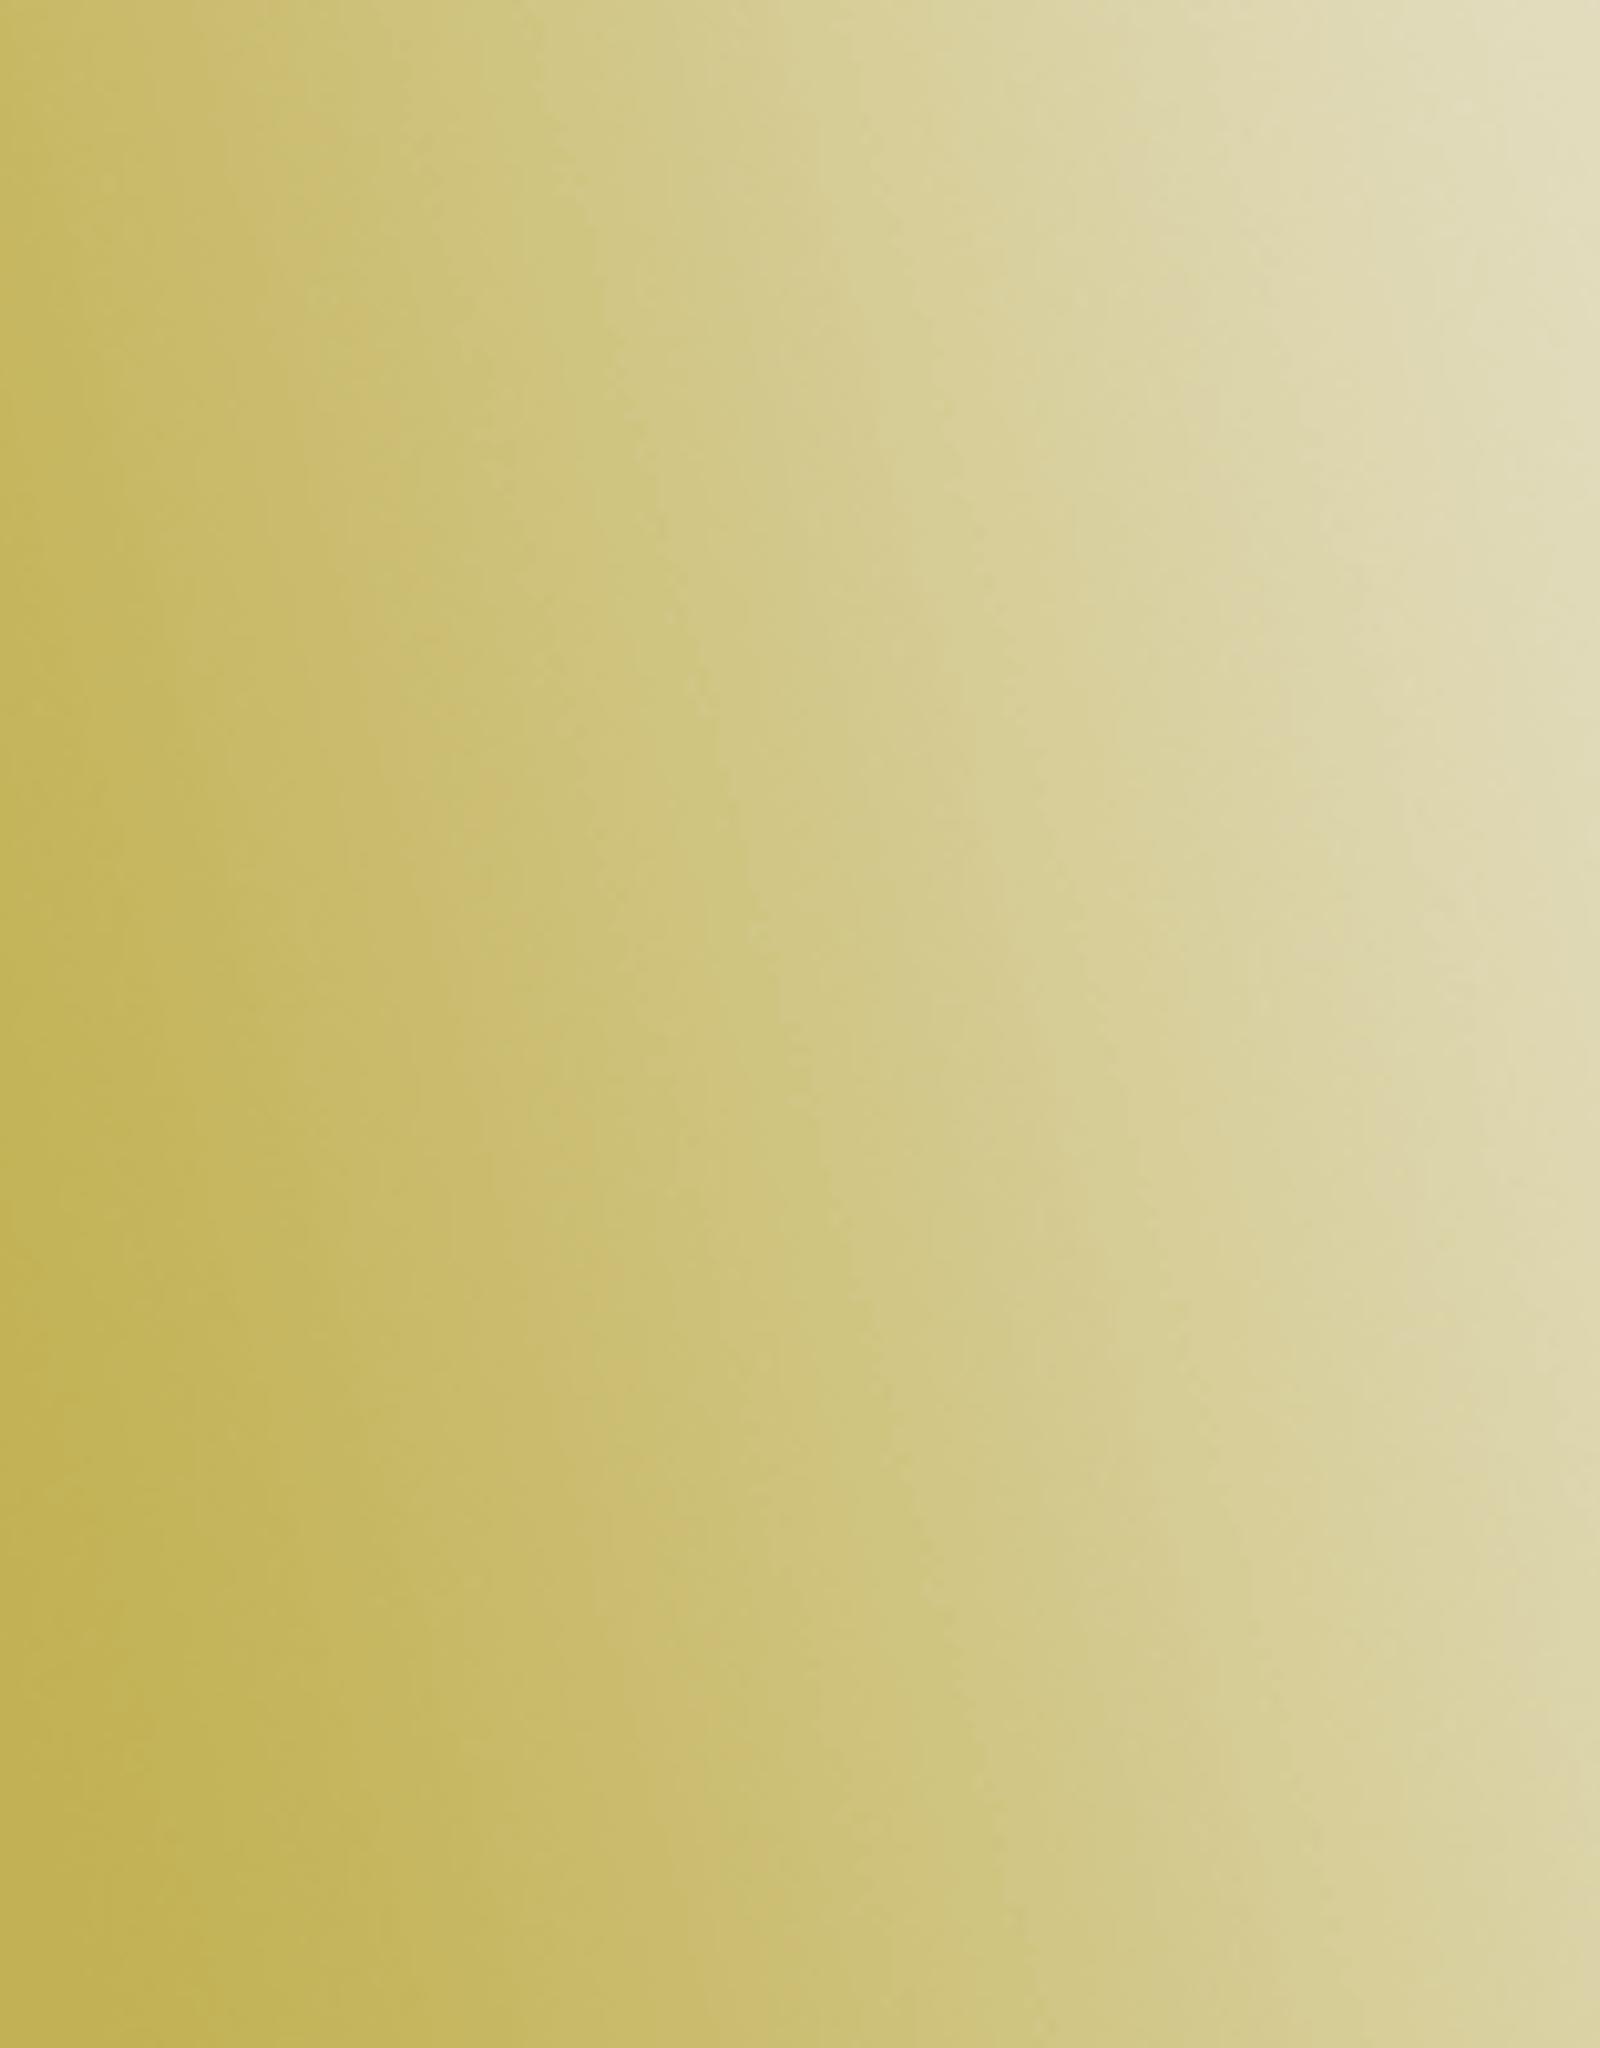 Golden Fluid Acrylics Series 6 Iridescent Gold (Fine) 4oz